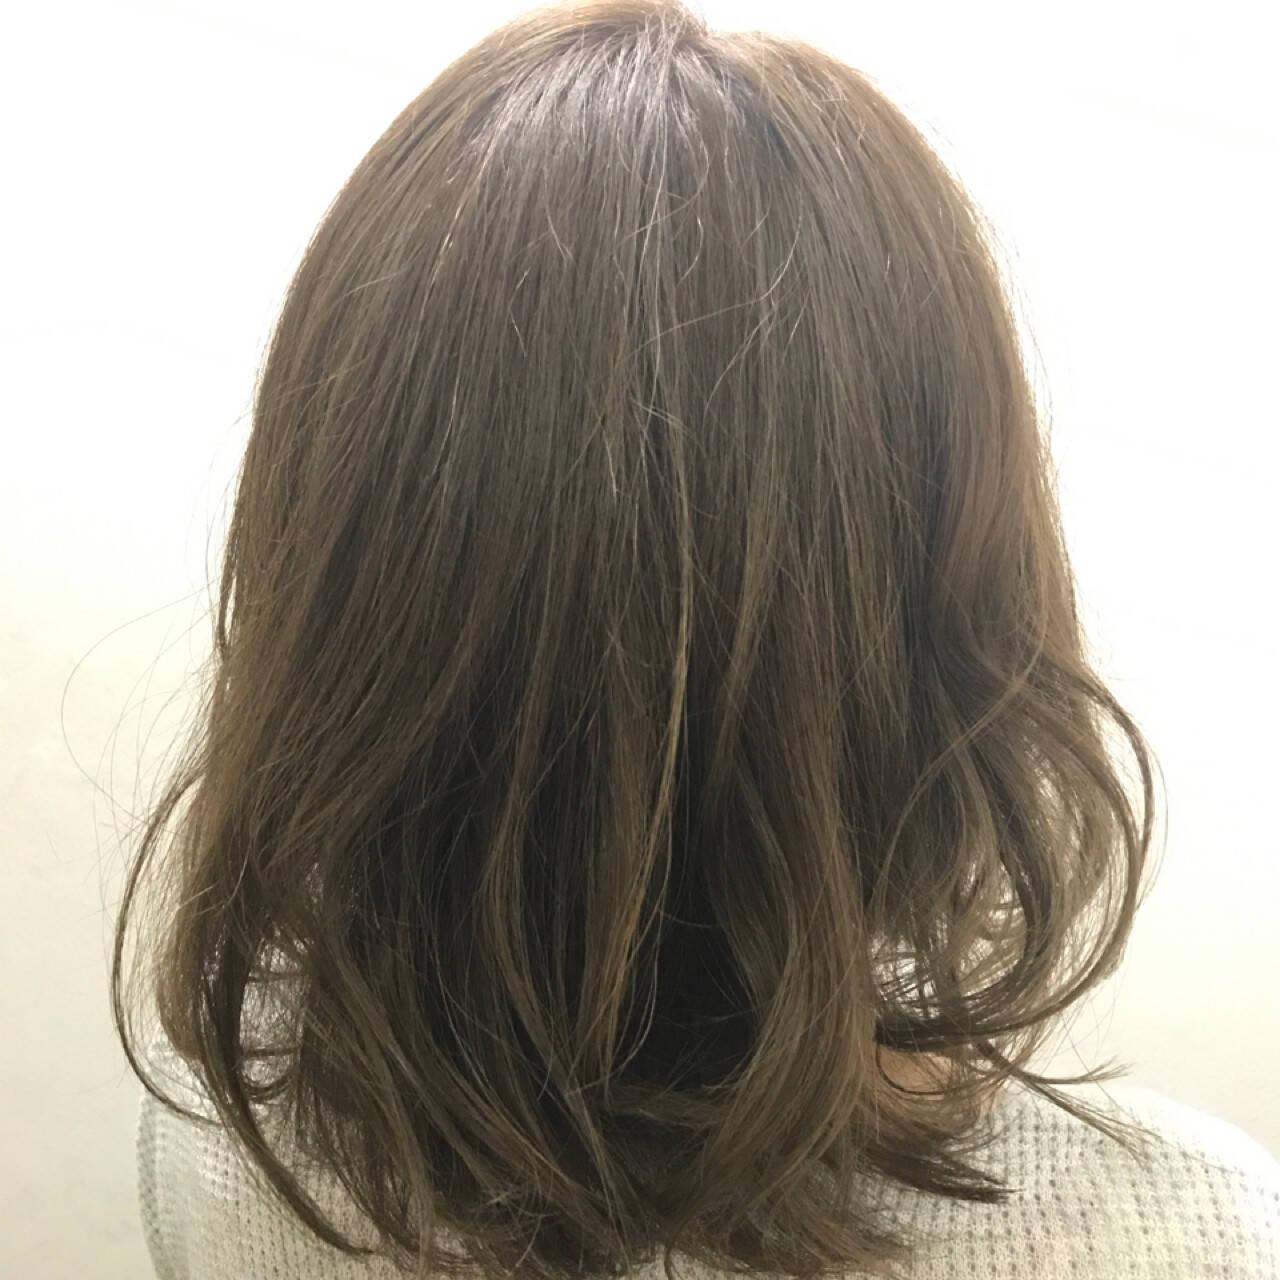 ナチュラル ゆるふわ フェミニン ミディアムヘアスタイルや髪型の写真・画像